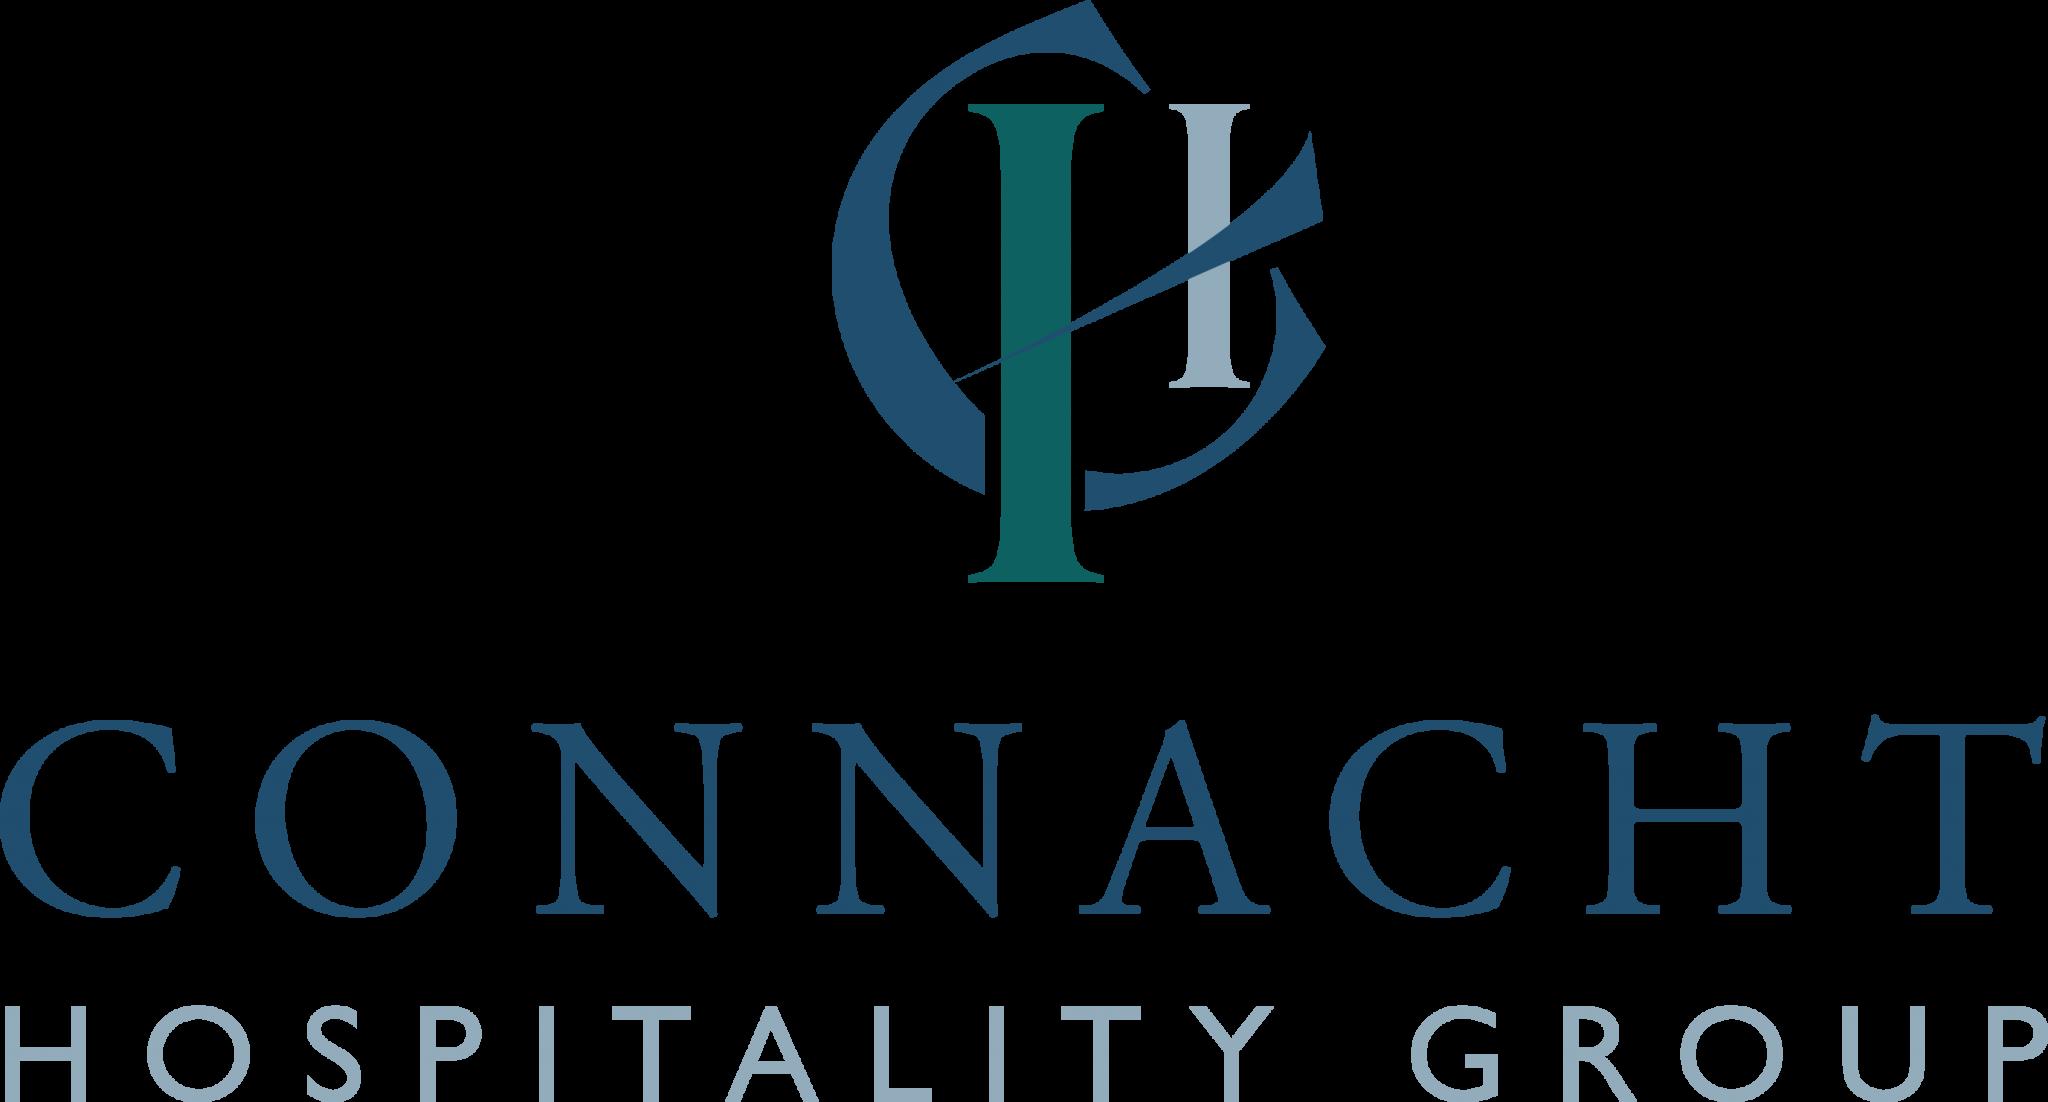 The Connacht Hospitality Group